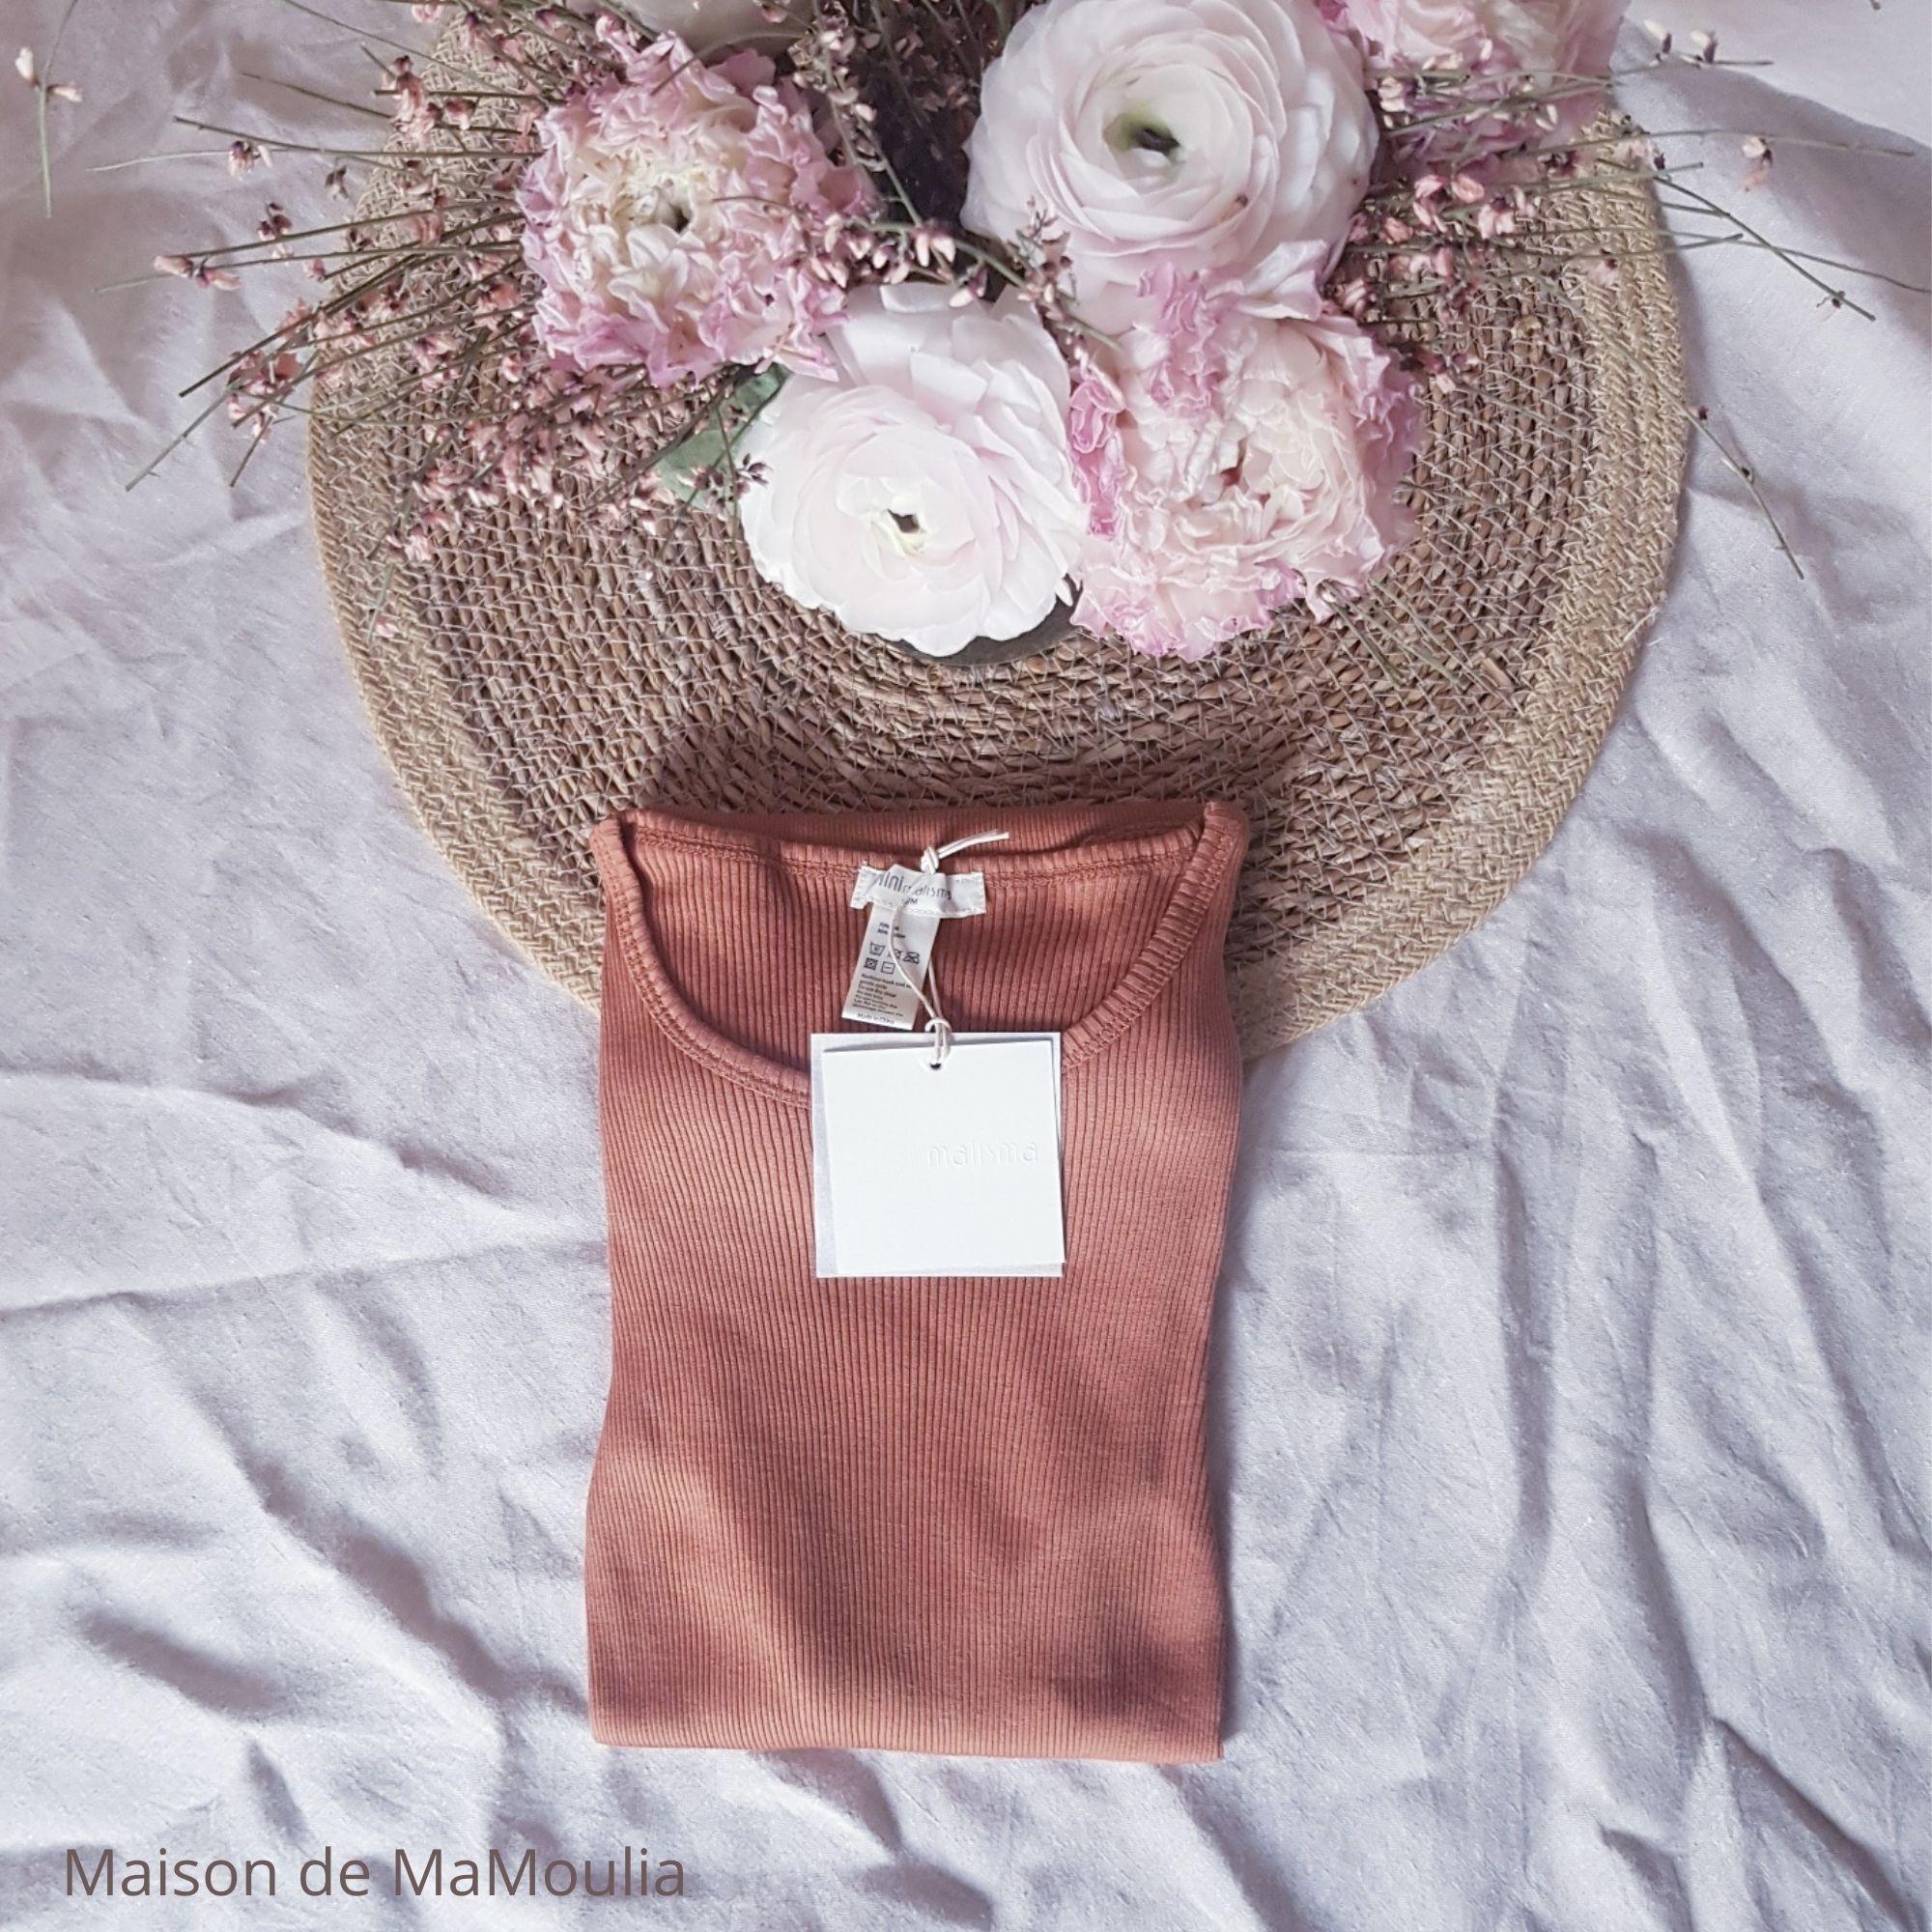 MINIMALISMA - Top pour femme - manches longues - Soie 70% / coton 30% - Gerda - Rooibos